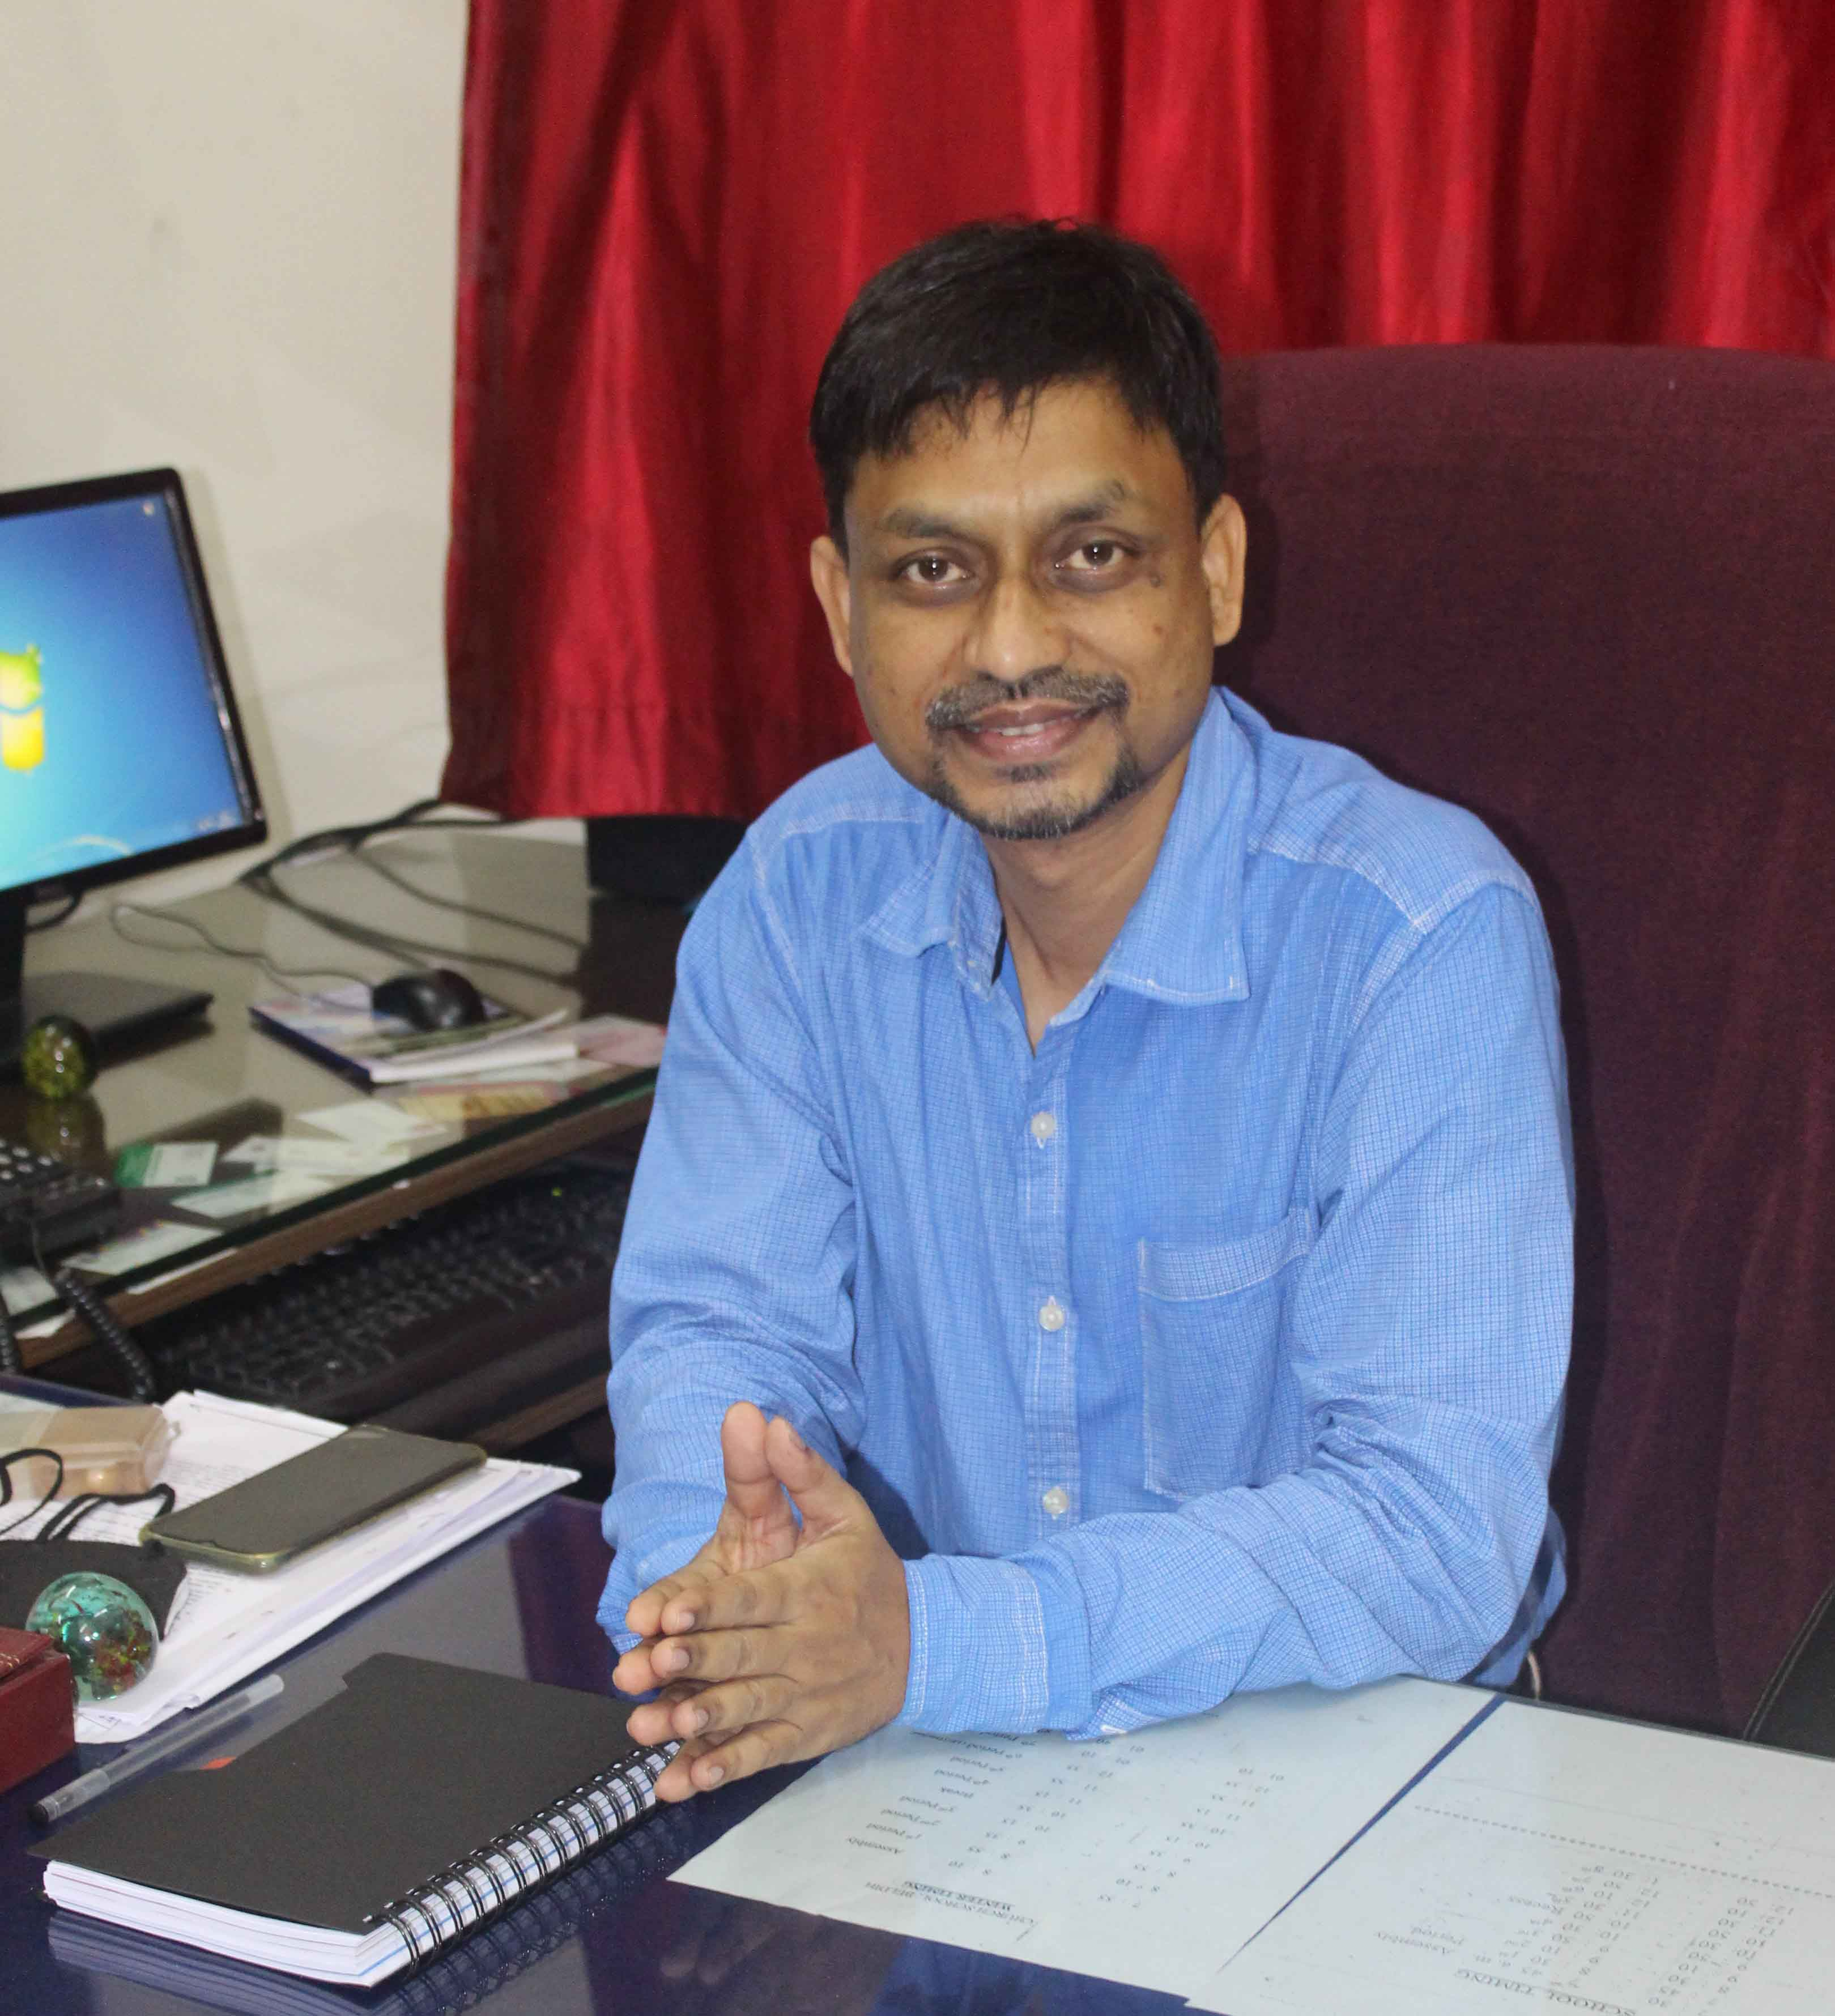 <b>Mr. Ranjit Paik</b>